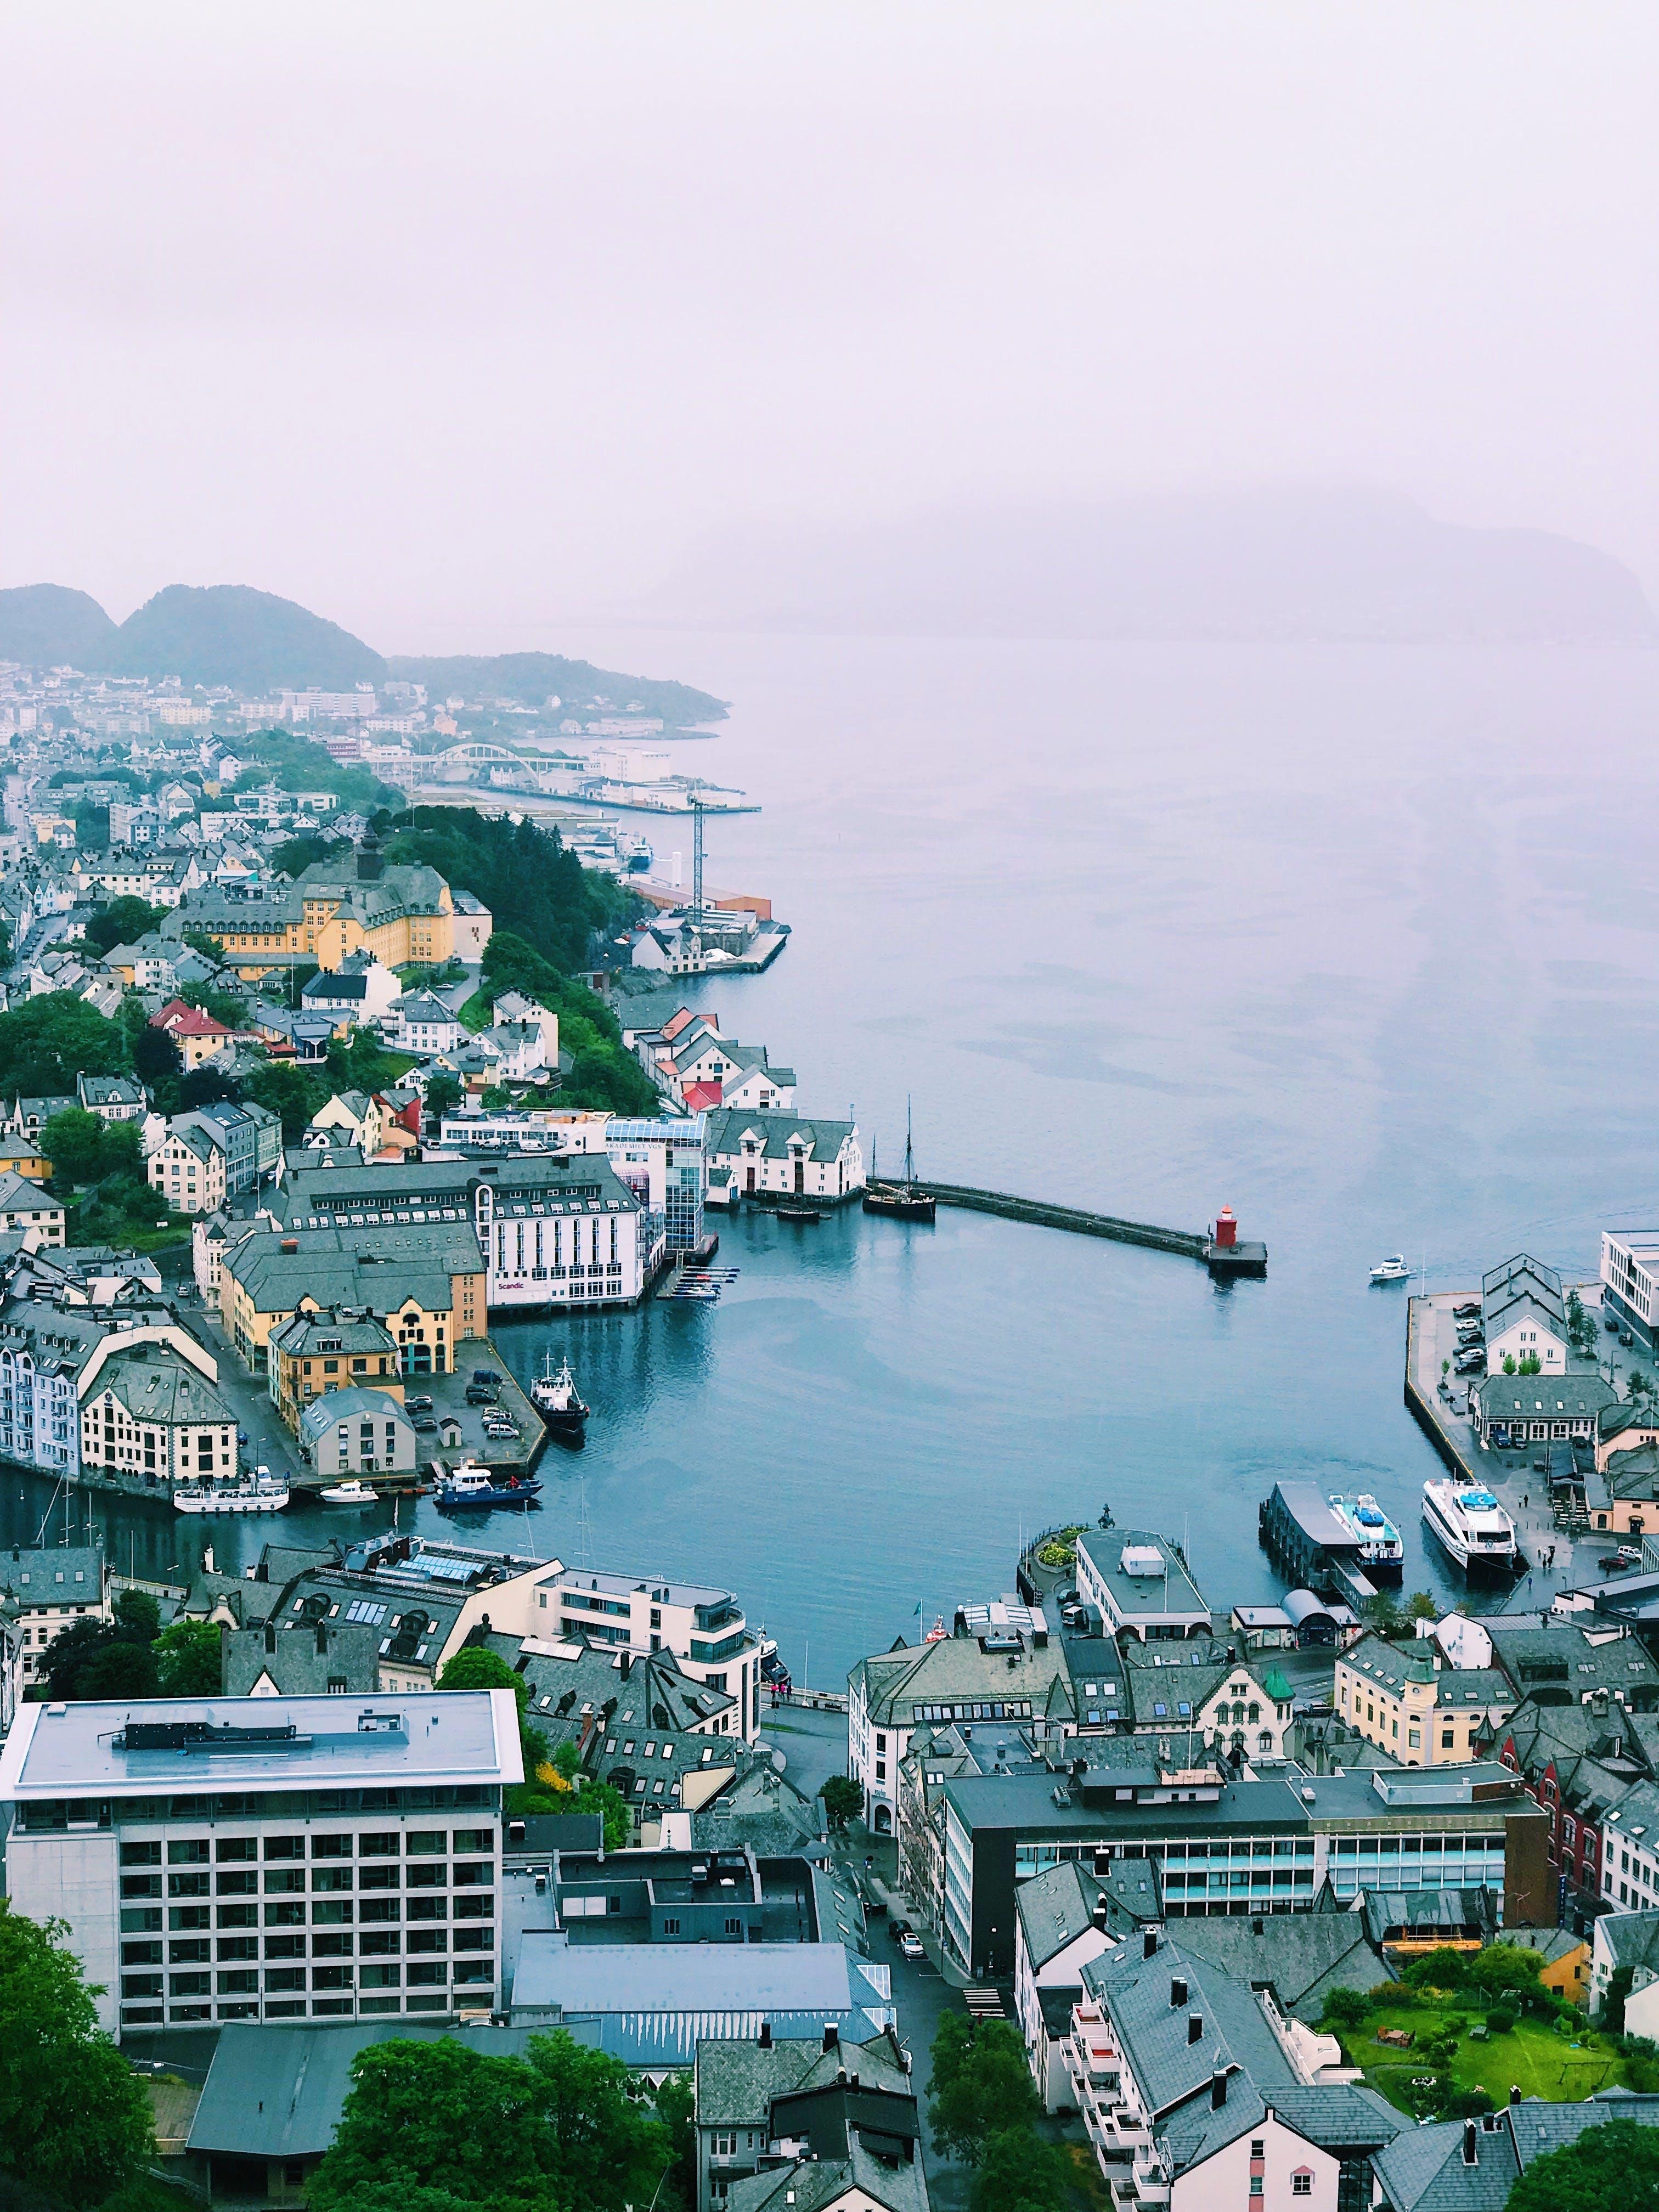 Δωρεάν στοκ φωτογραφιών με αρχιτεκτονική, αστικός, βάρκα, βουνά